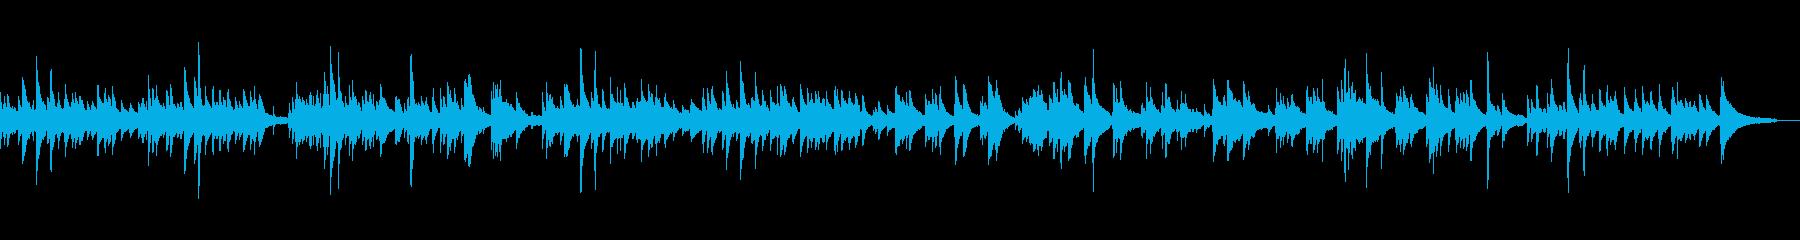 童謡のようなほのぼの雰囲気の小曲の再生済みの波形